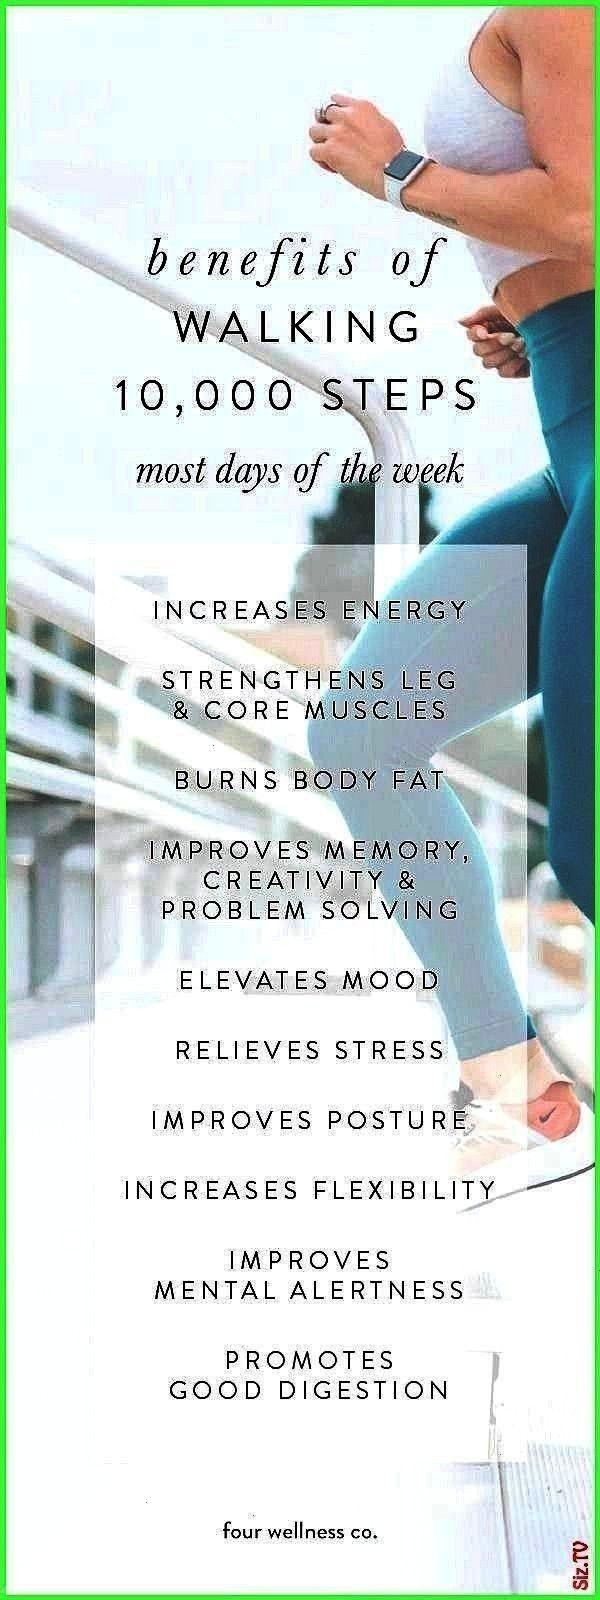 Exercises Plan Physical Fitness Tips Fitness Humor FitnessMotivatie FitnessRezepte ExercisesStomach F Fitness Hombres Fitness Journal Exercises Plan Physical Fitness Tips...